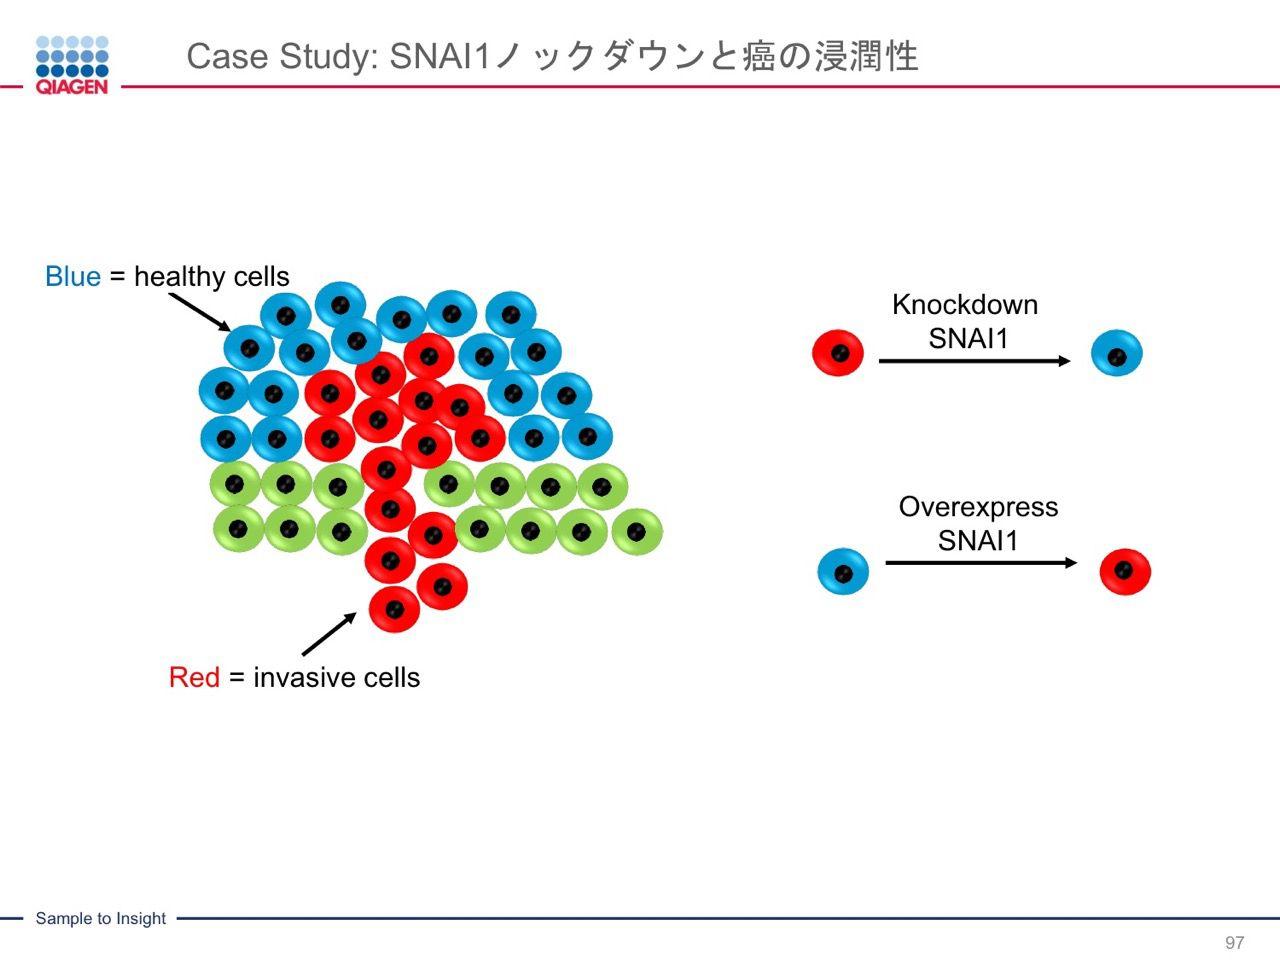 images/AJACSa2_miyamoto_097.jpg